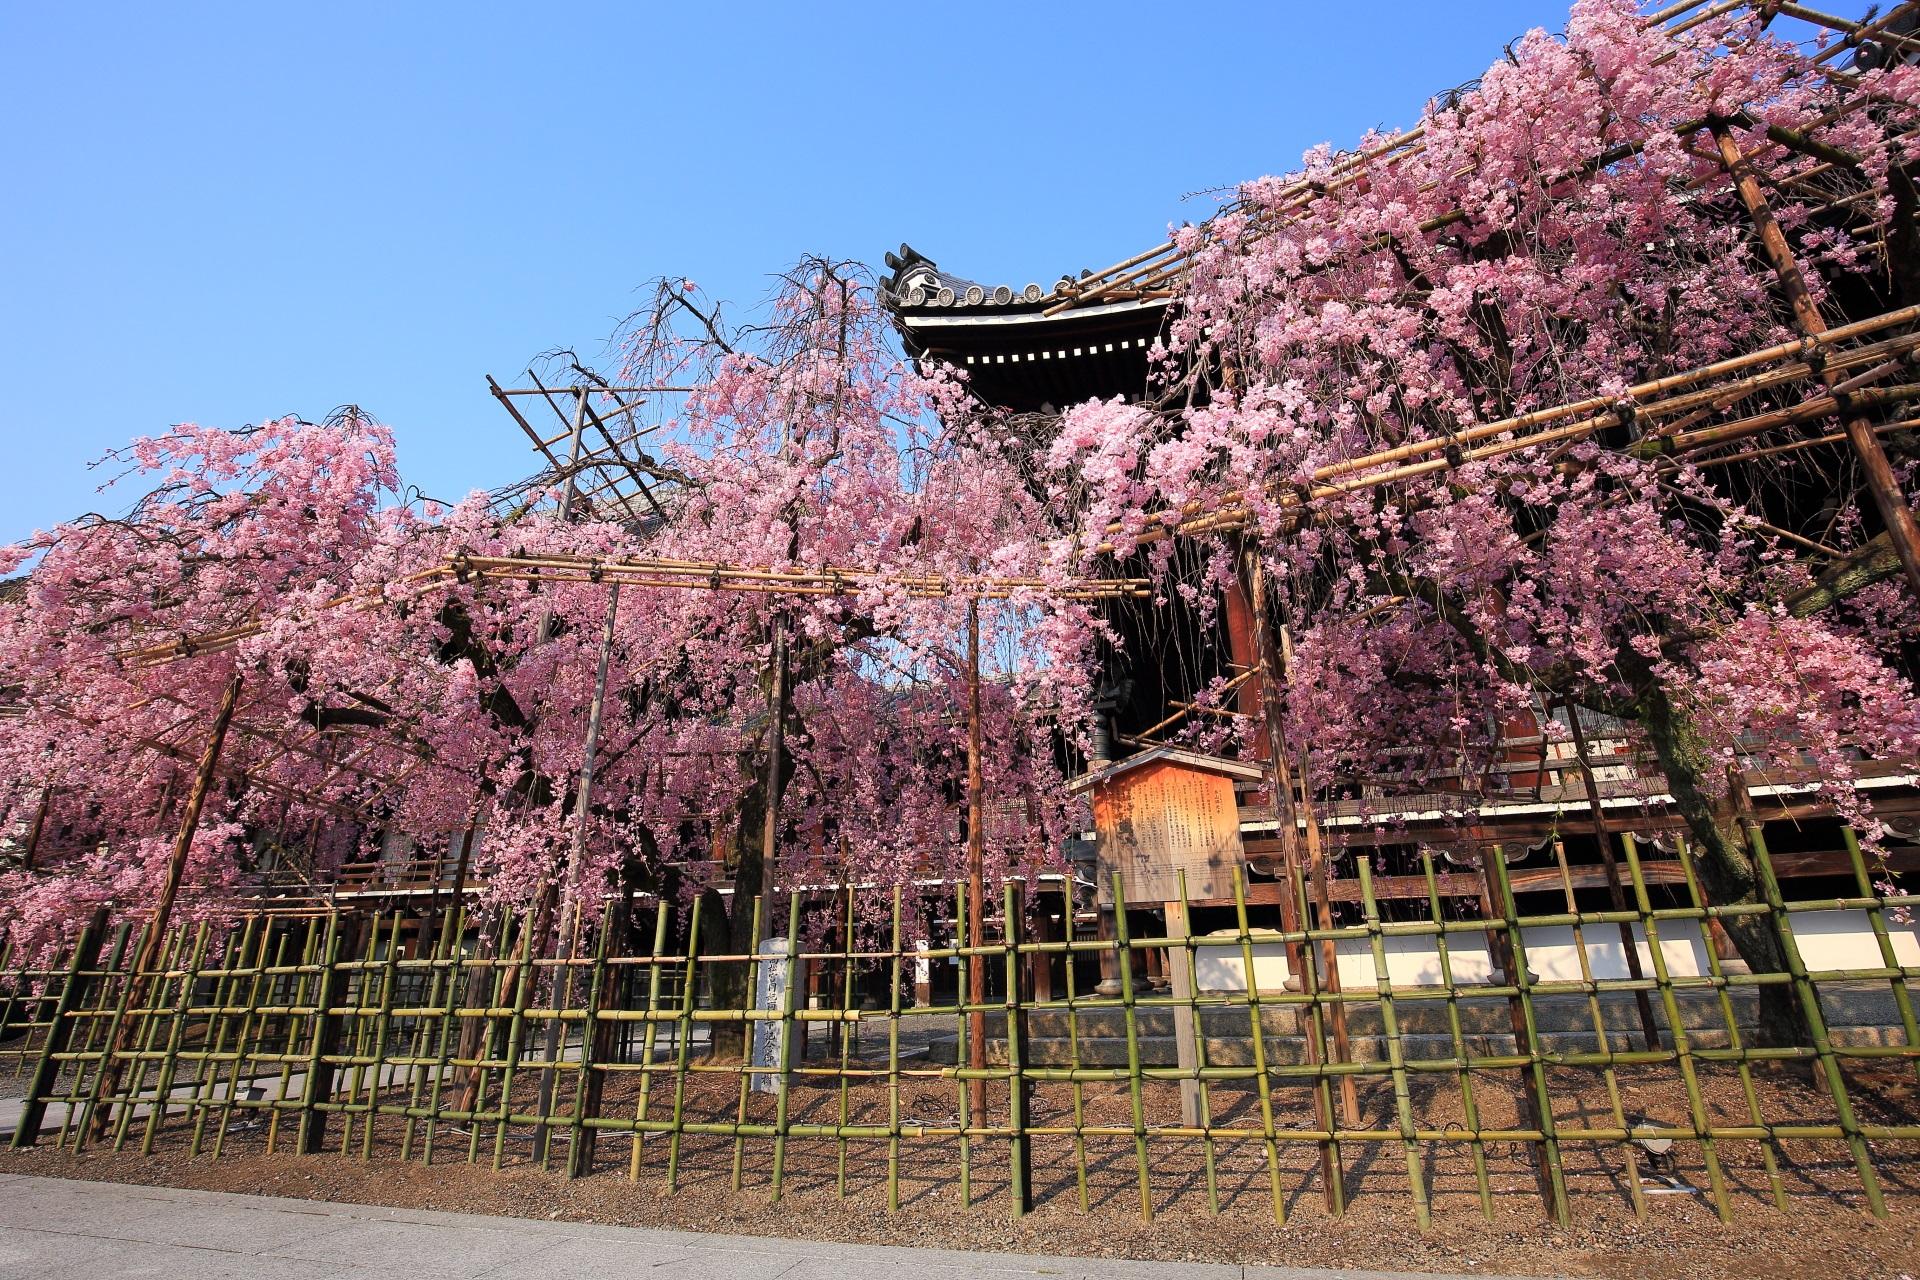 花をいっぱいつけた溢れる桜